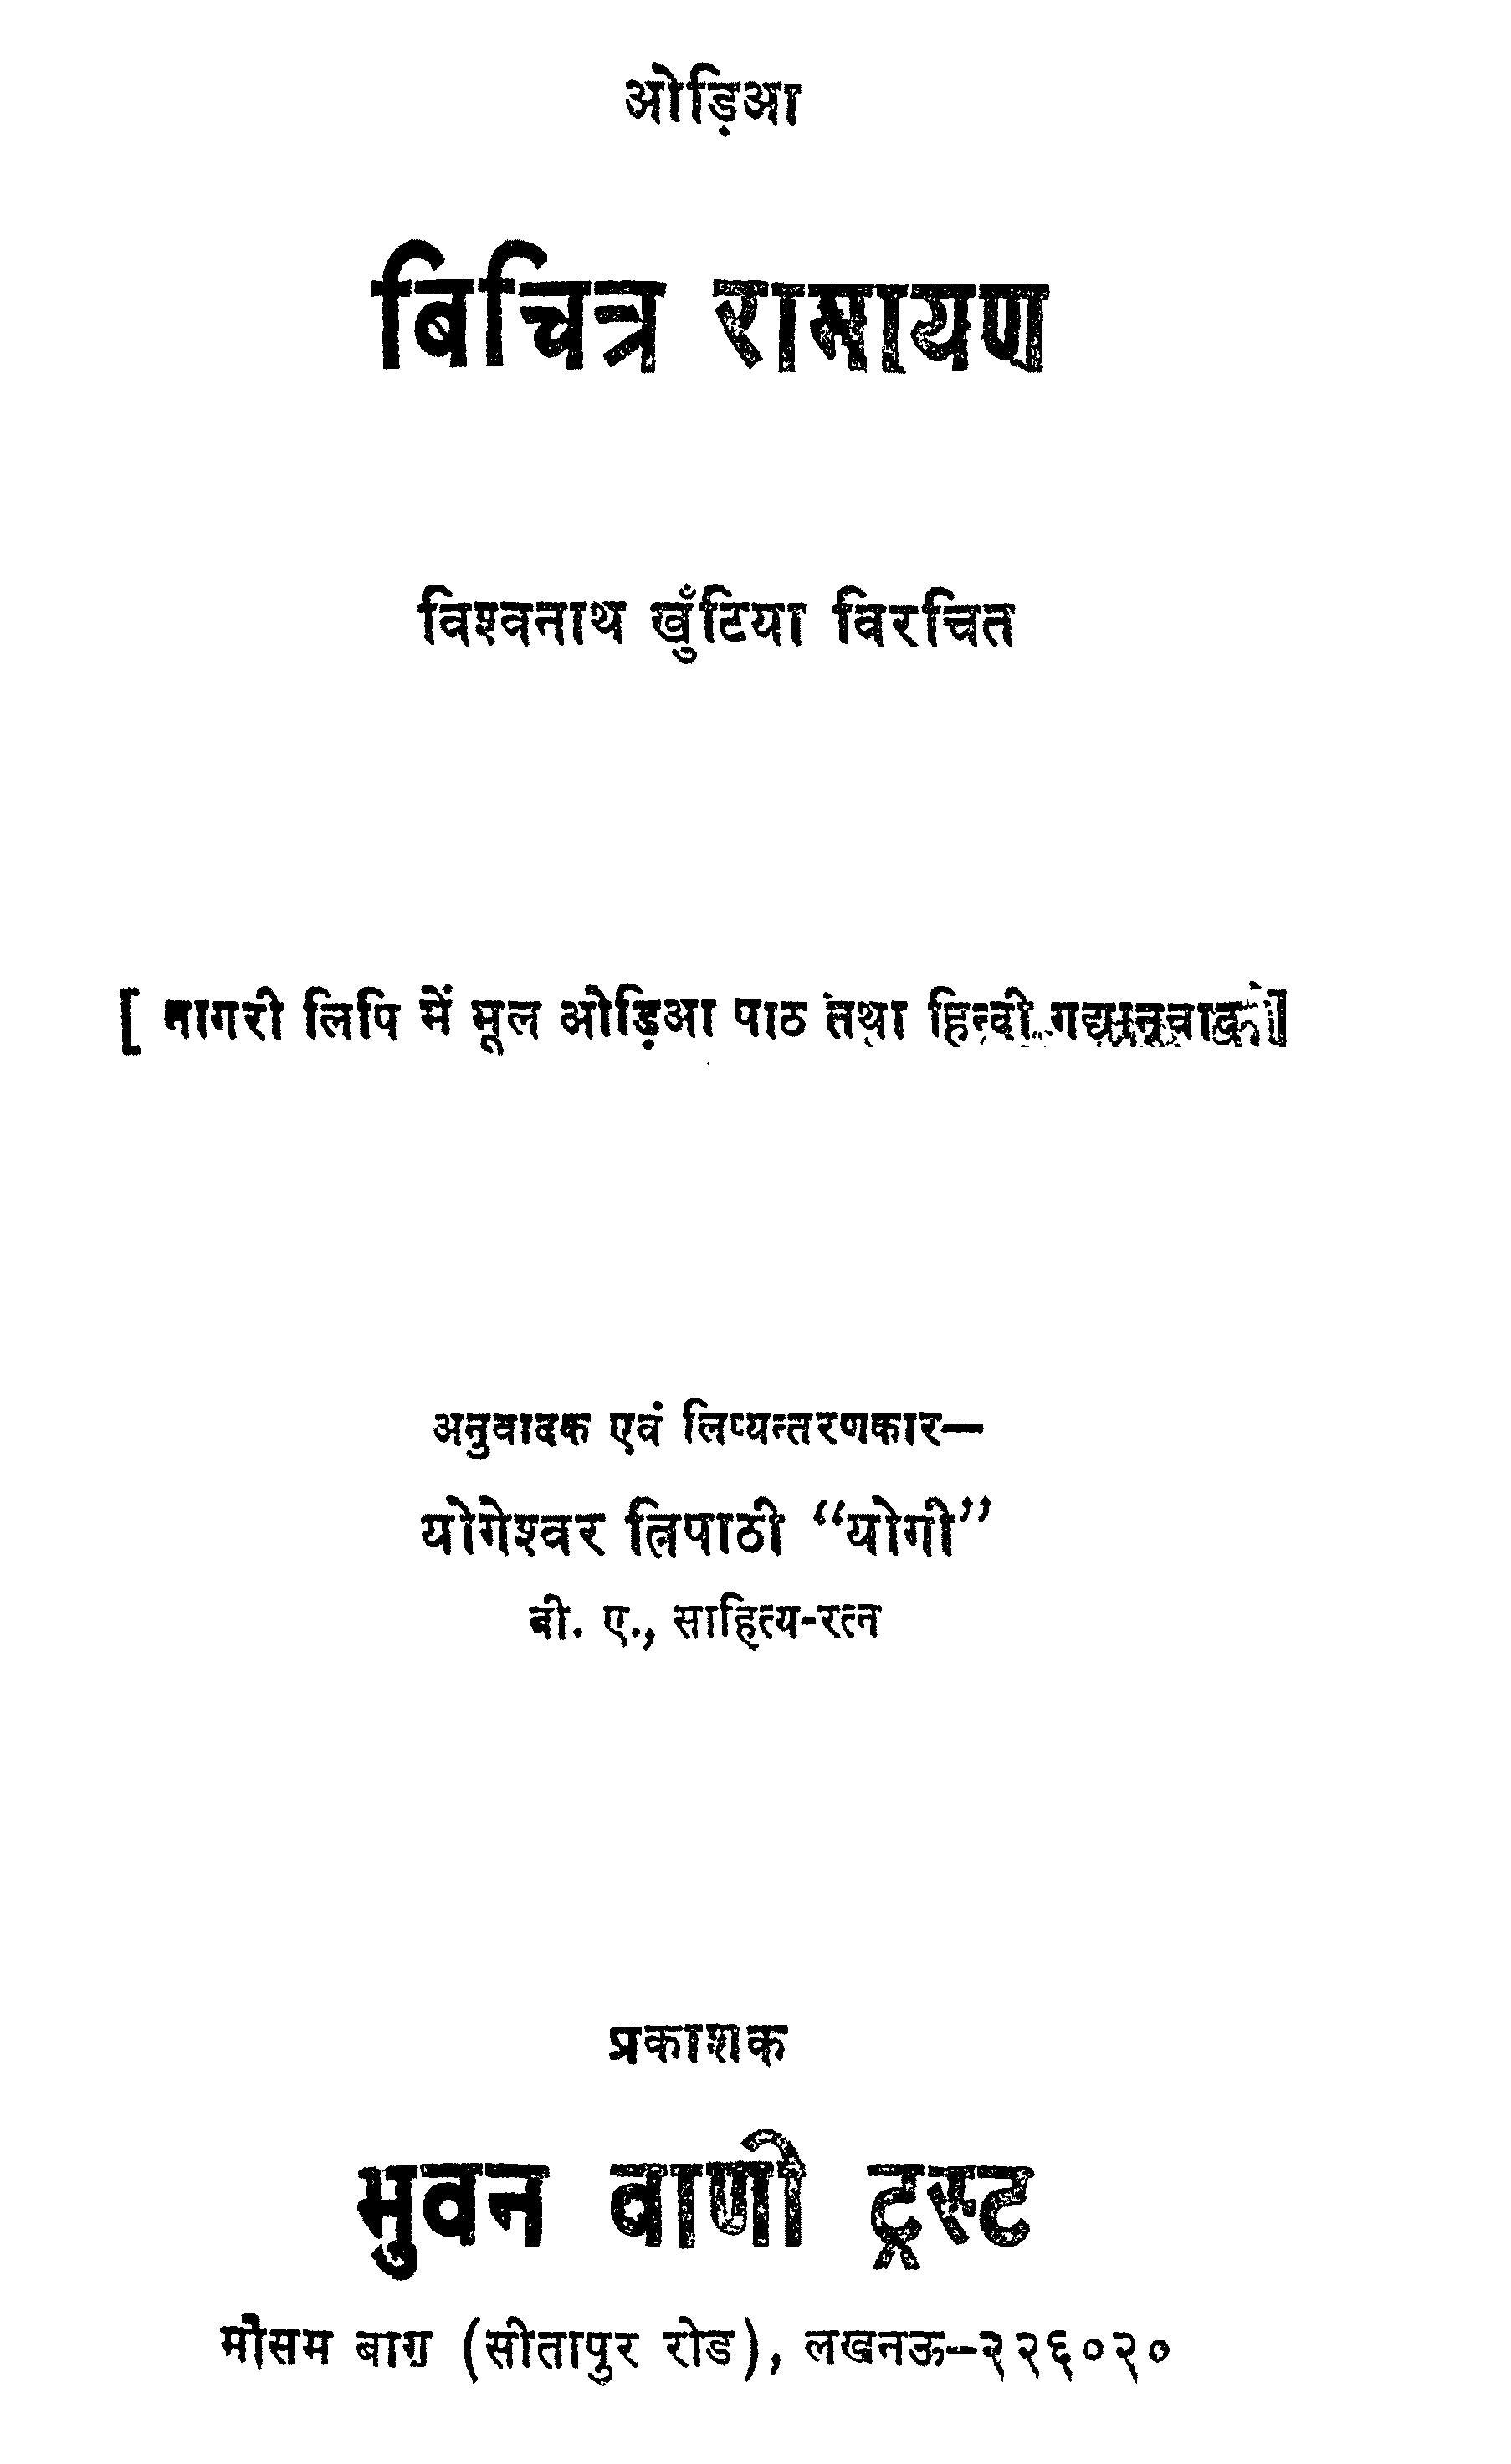 Filebichitra Ramayanavu Wikimedia Commons